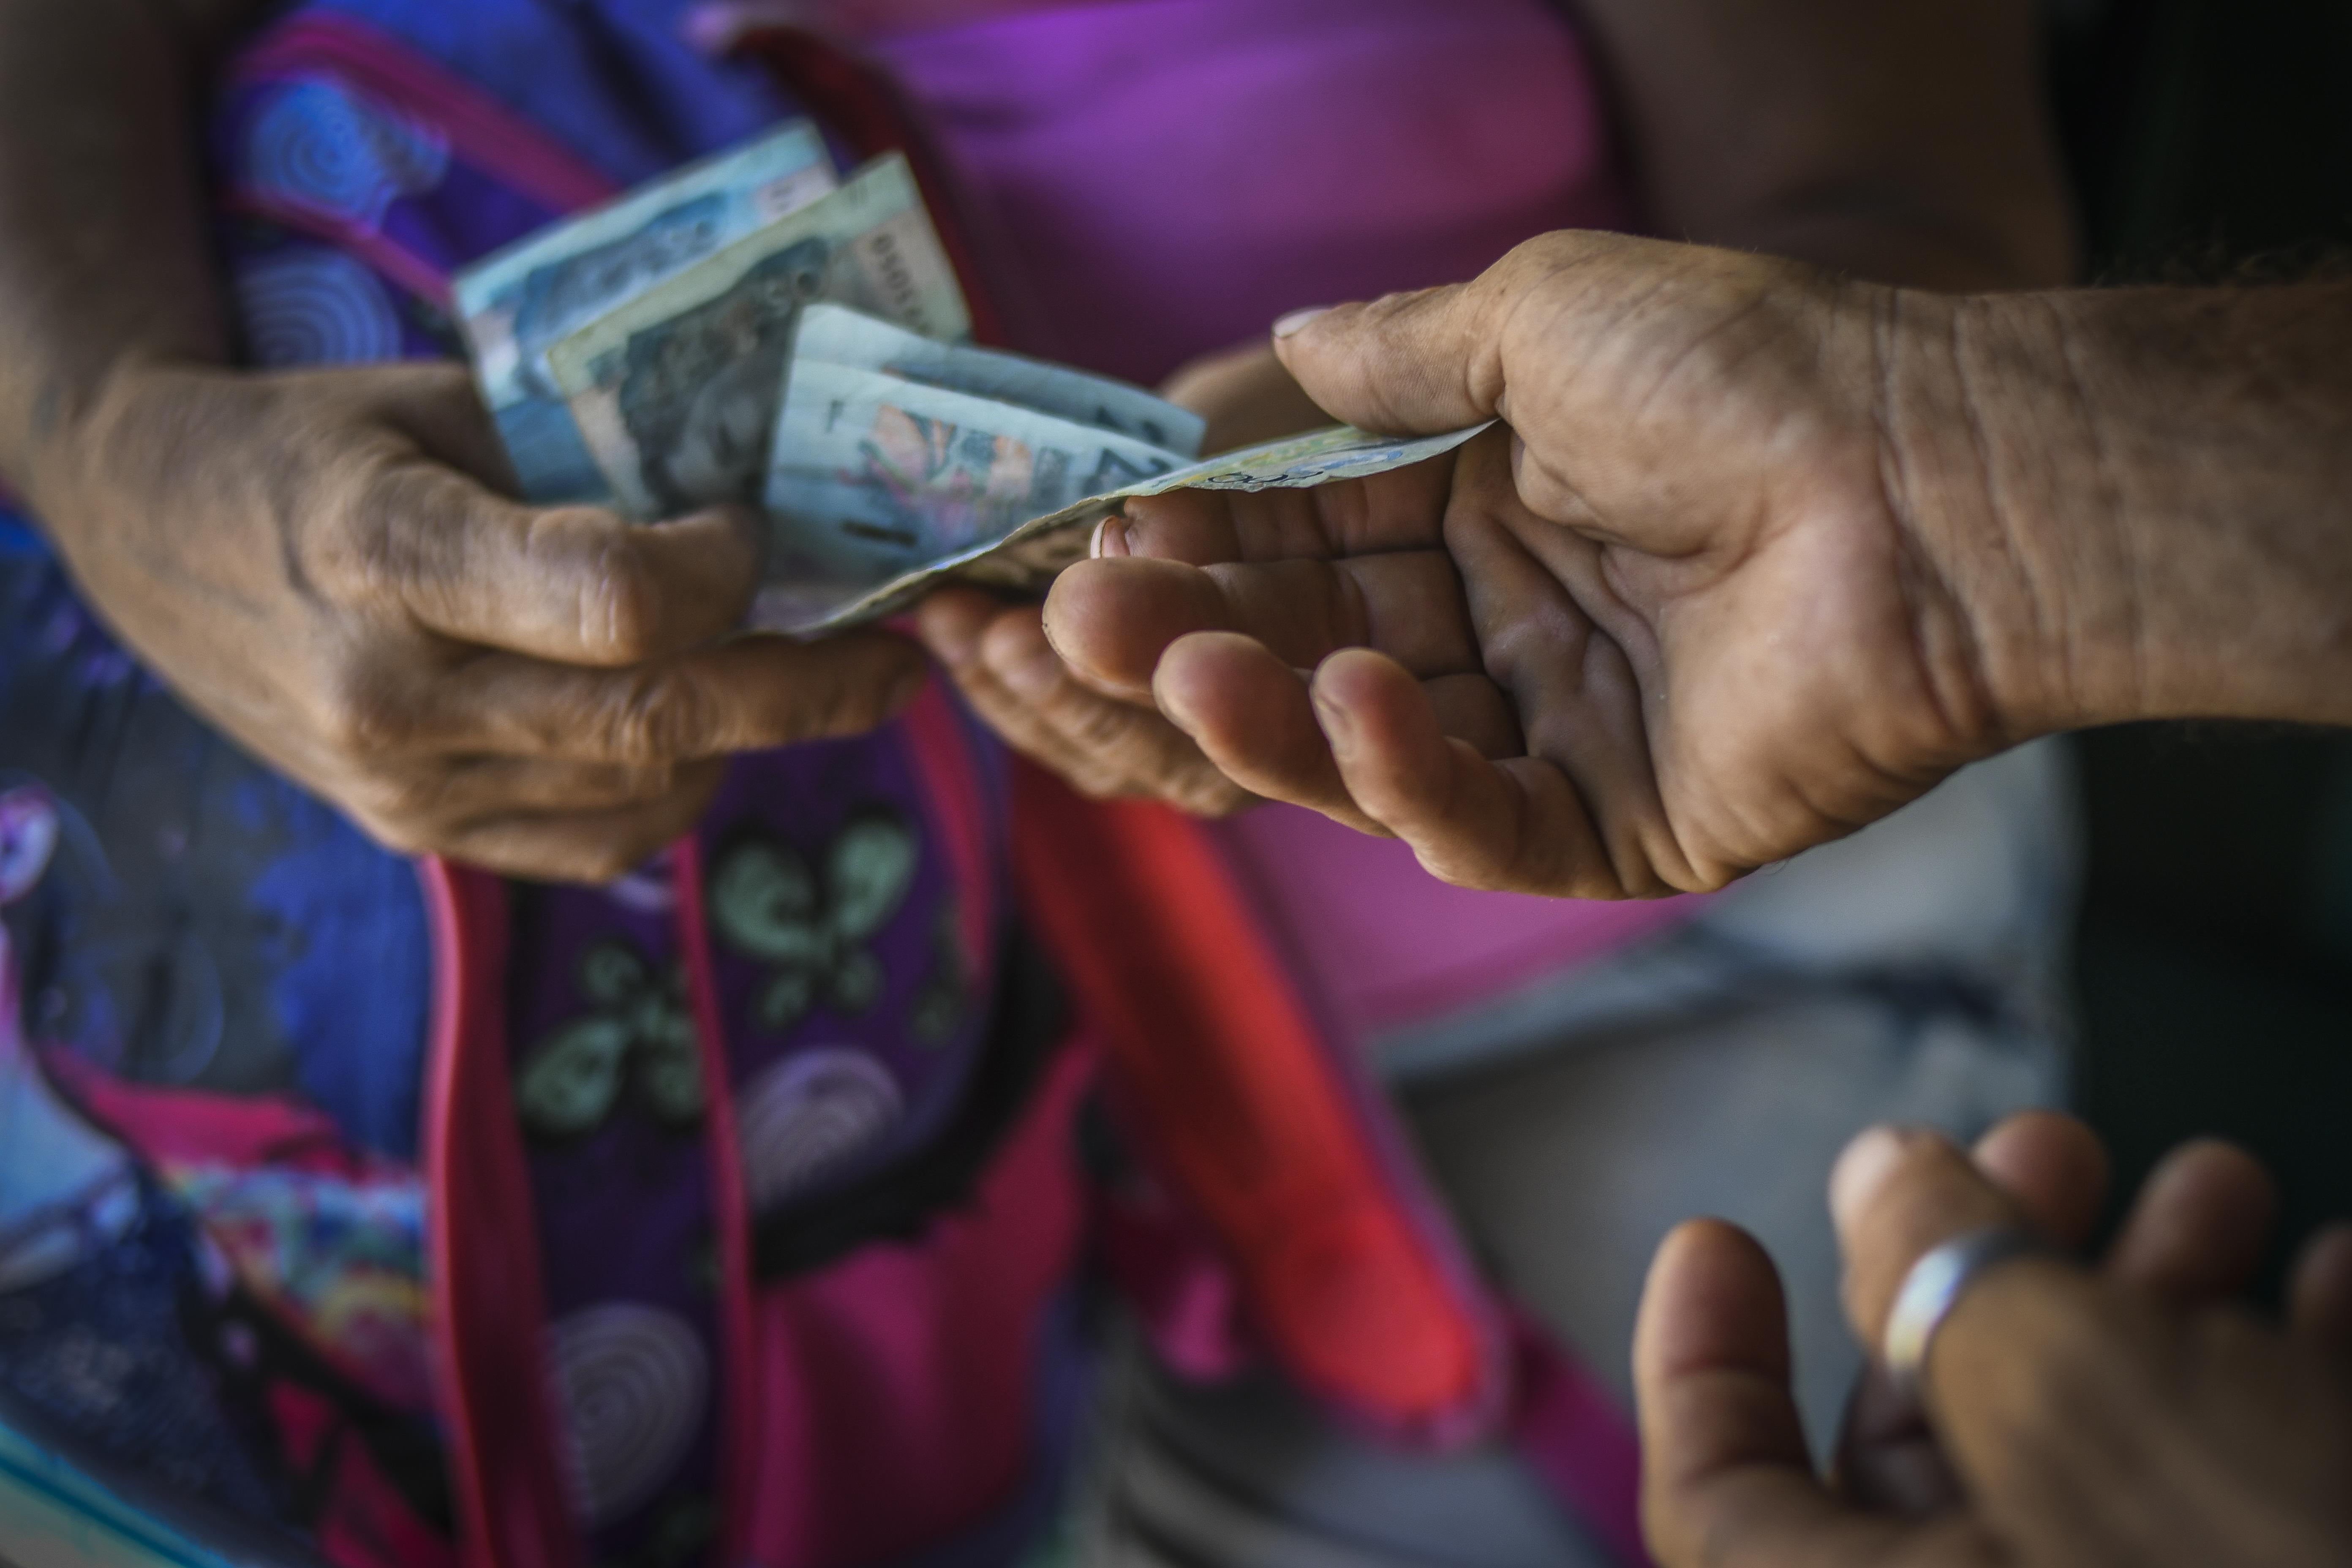 Los billetes son contados en pleno movimiento.